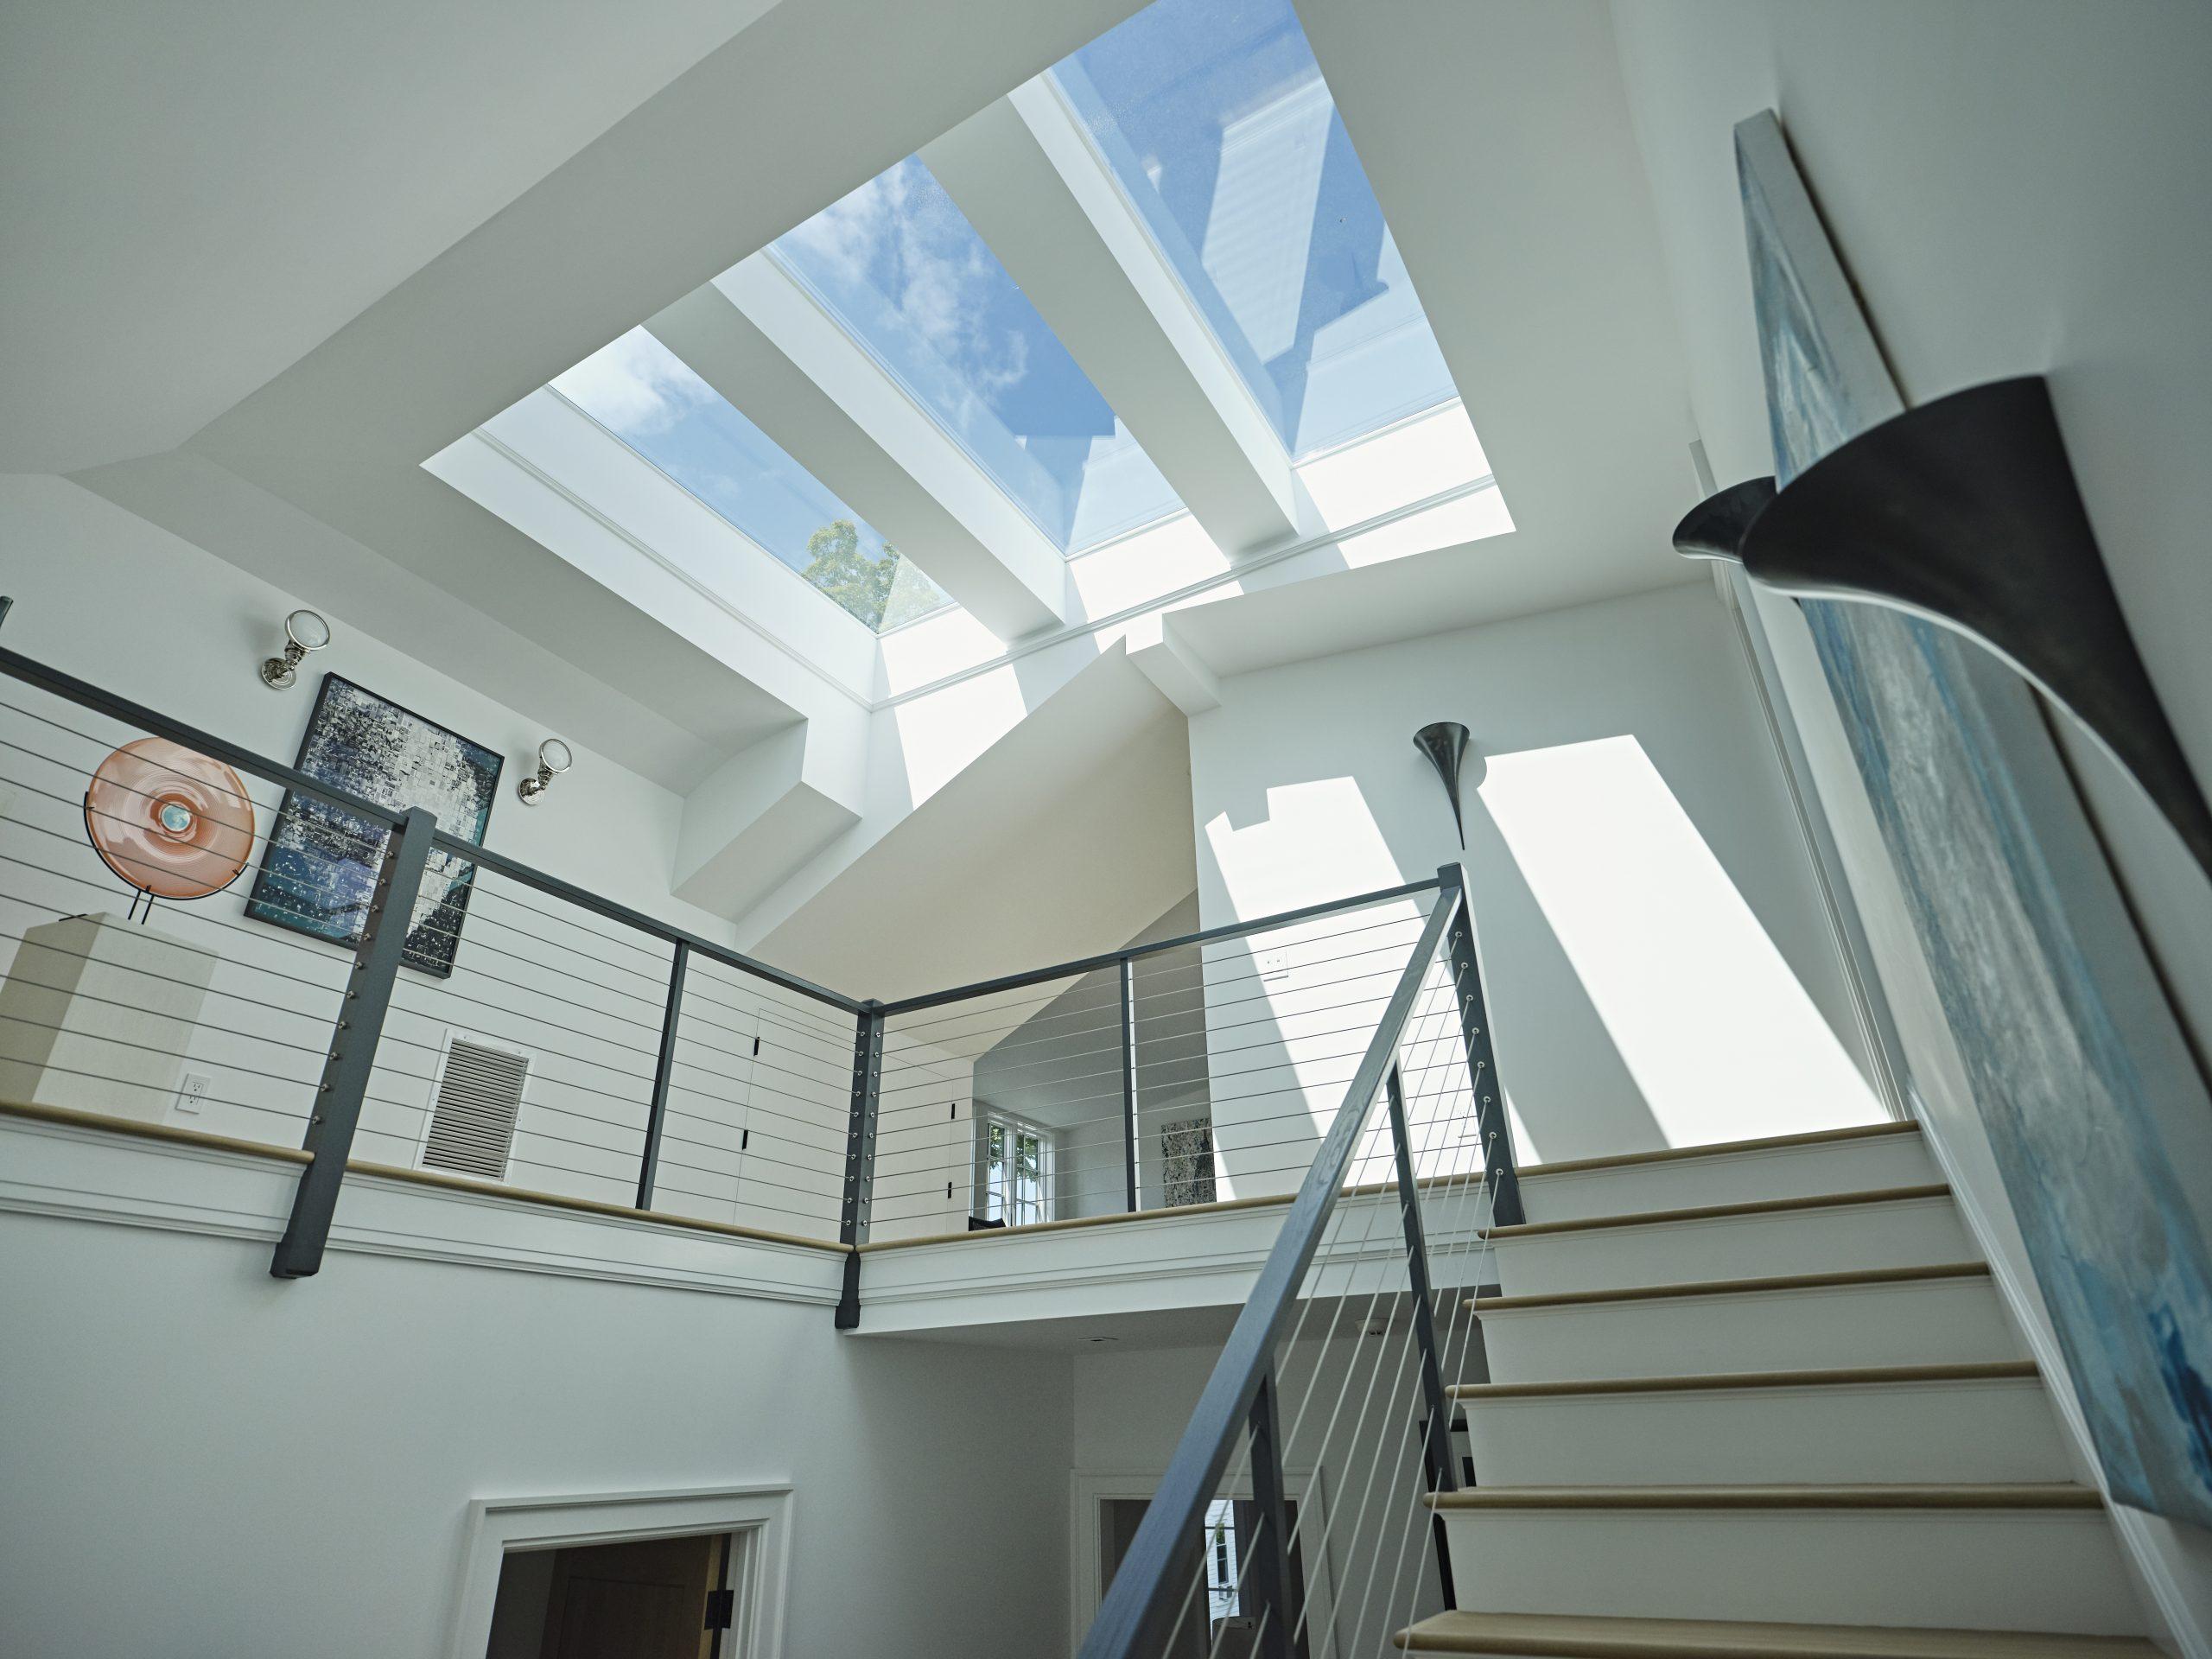 custom skylights present high design